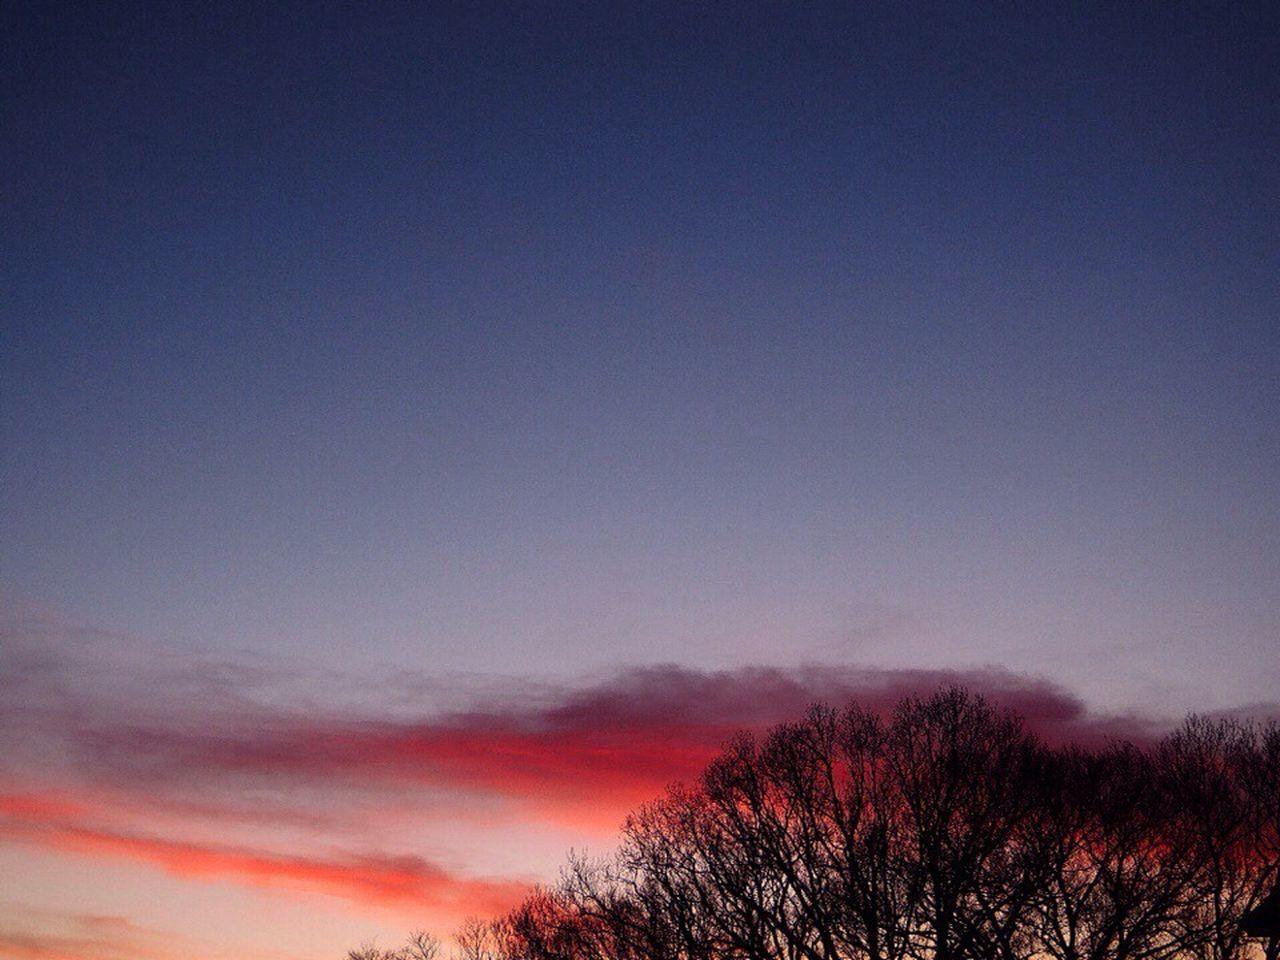 おつかれさまでした。 おつかれさま NikonP330 夕暮れ時 Afterglow Twilight Sunset